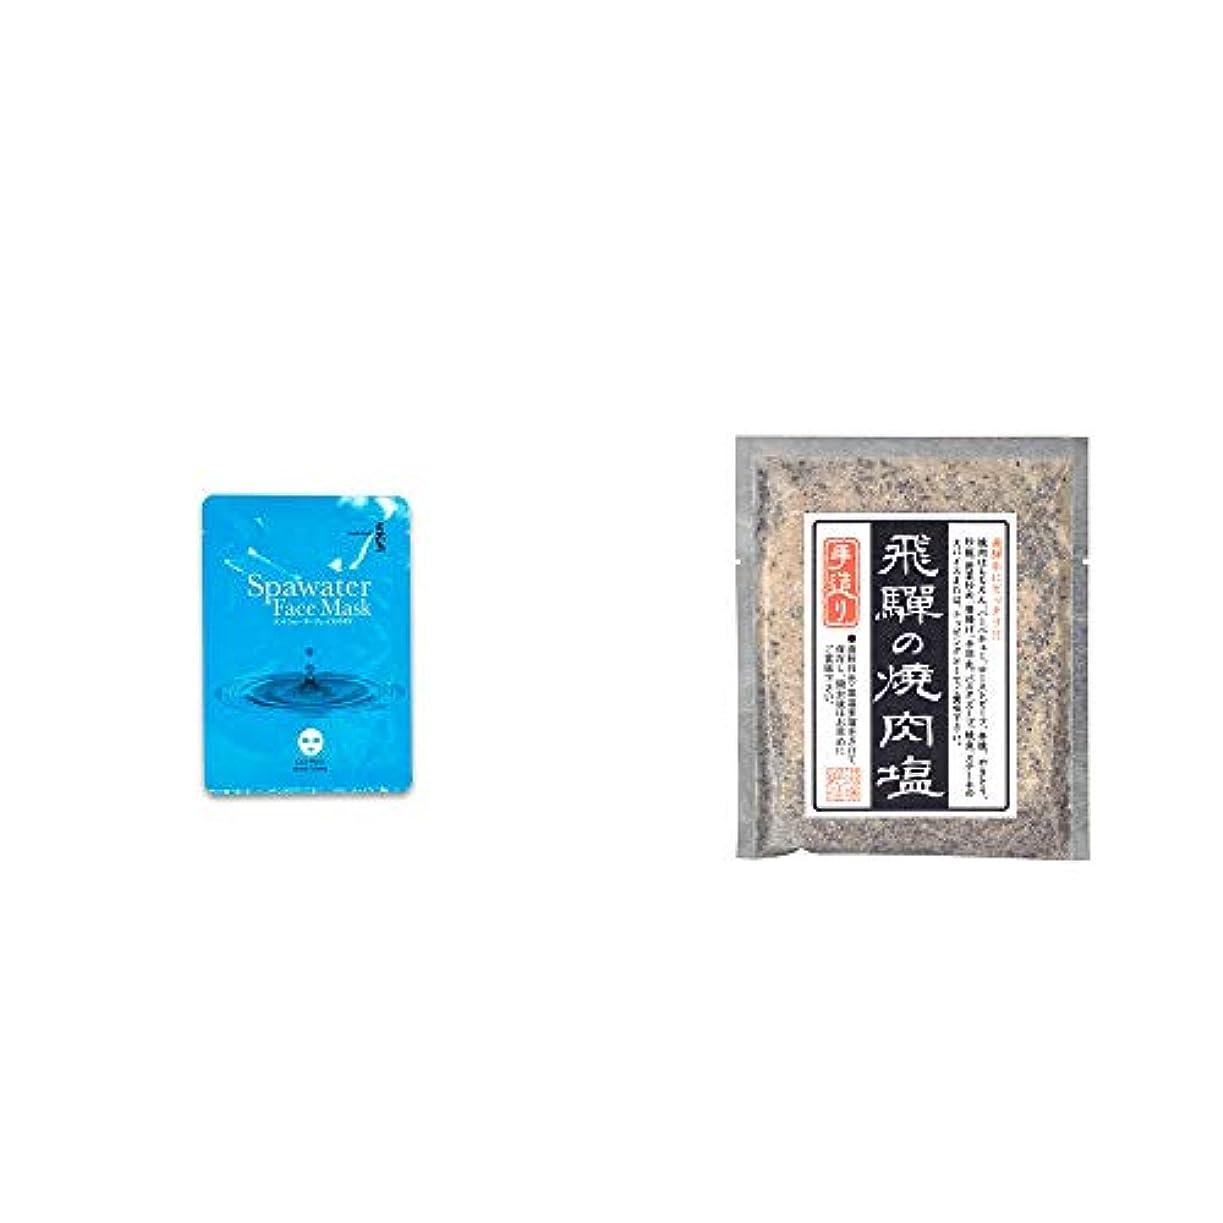 咲く時代商品[2点セット] ひのき炭黒泉 スパウォーターフェイスマスク(18ml×3枚入)?手造り 飛騨の焼肉塩(80g)